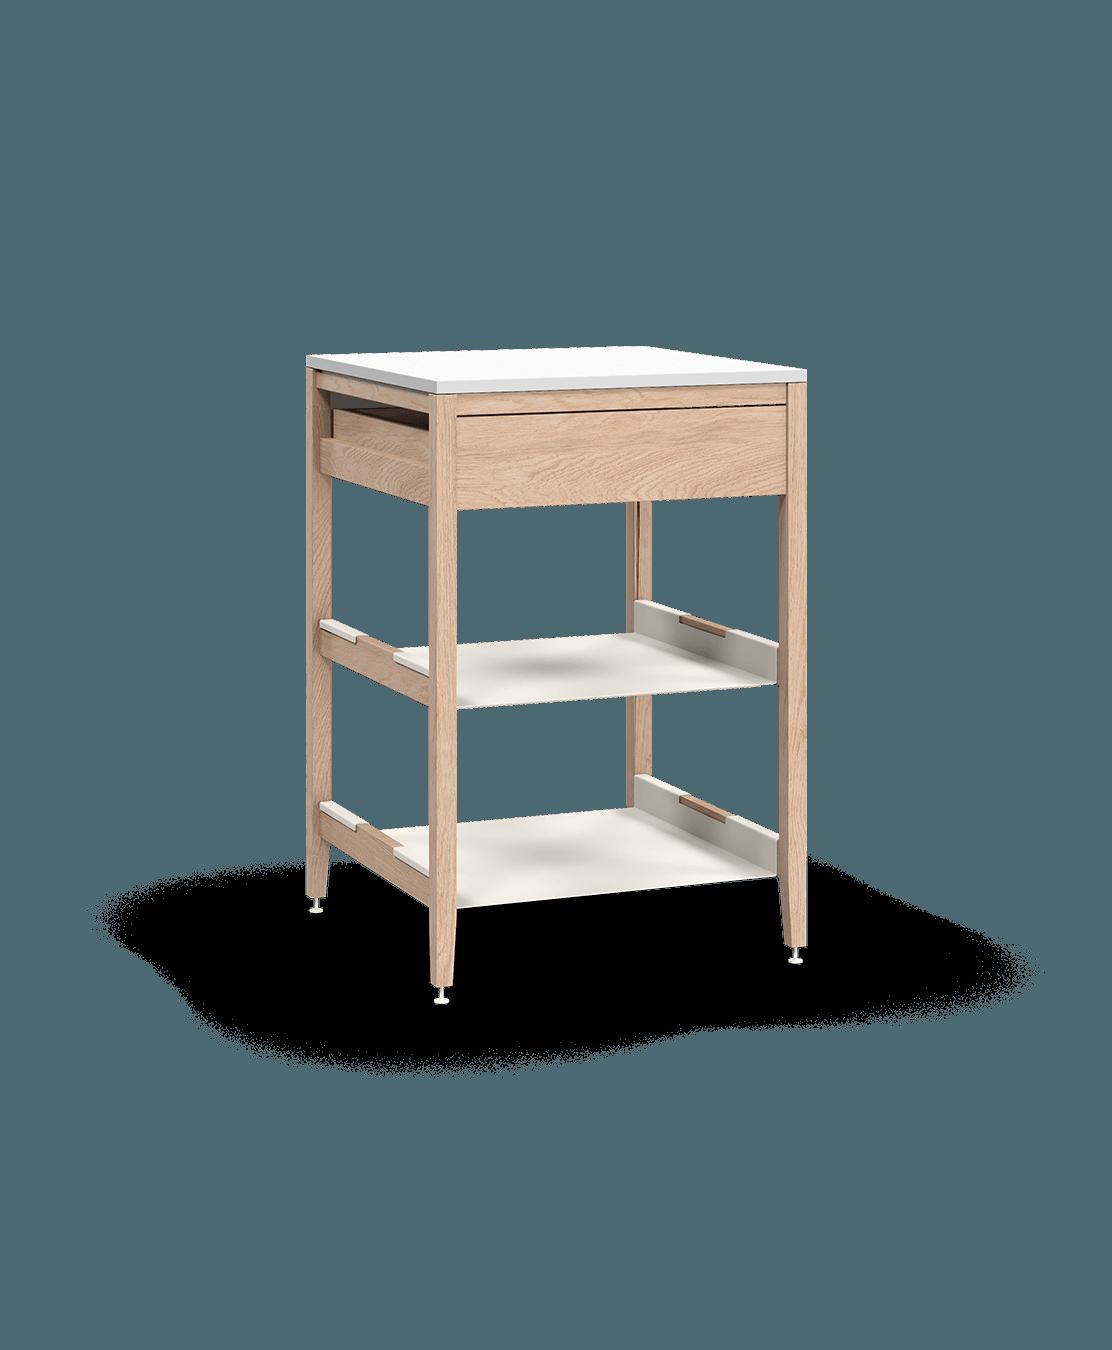 armoire de cuisine modulaire inférieure en bois massif coquo radix avec 2 tablettes 1 tiroir chêne blanc 24 pouces C1-C-24SB-1023-NA